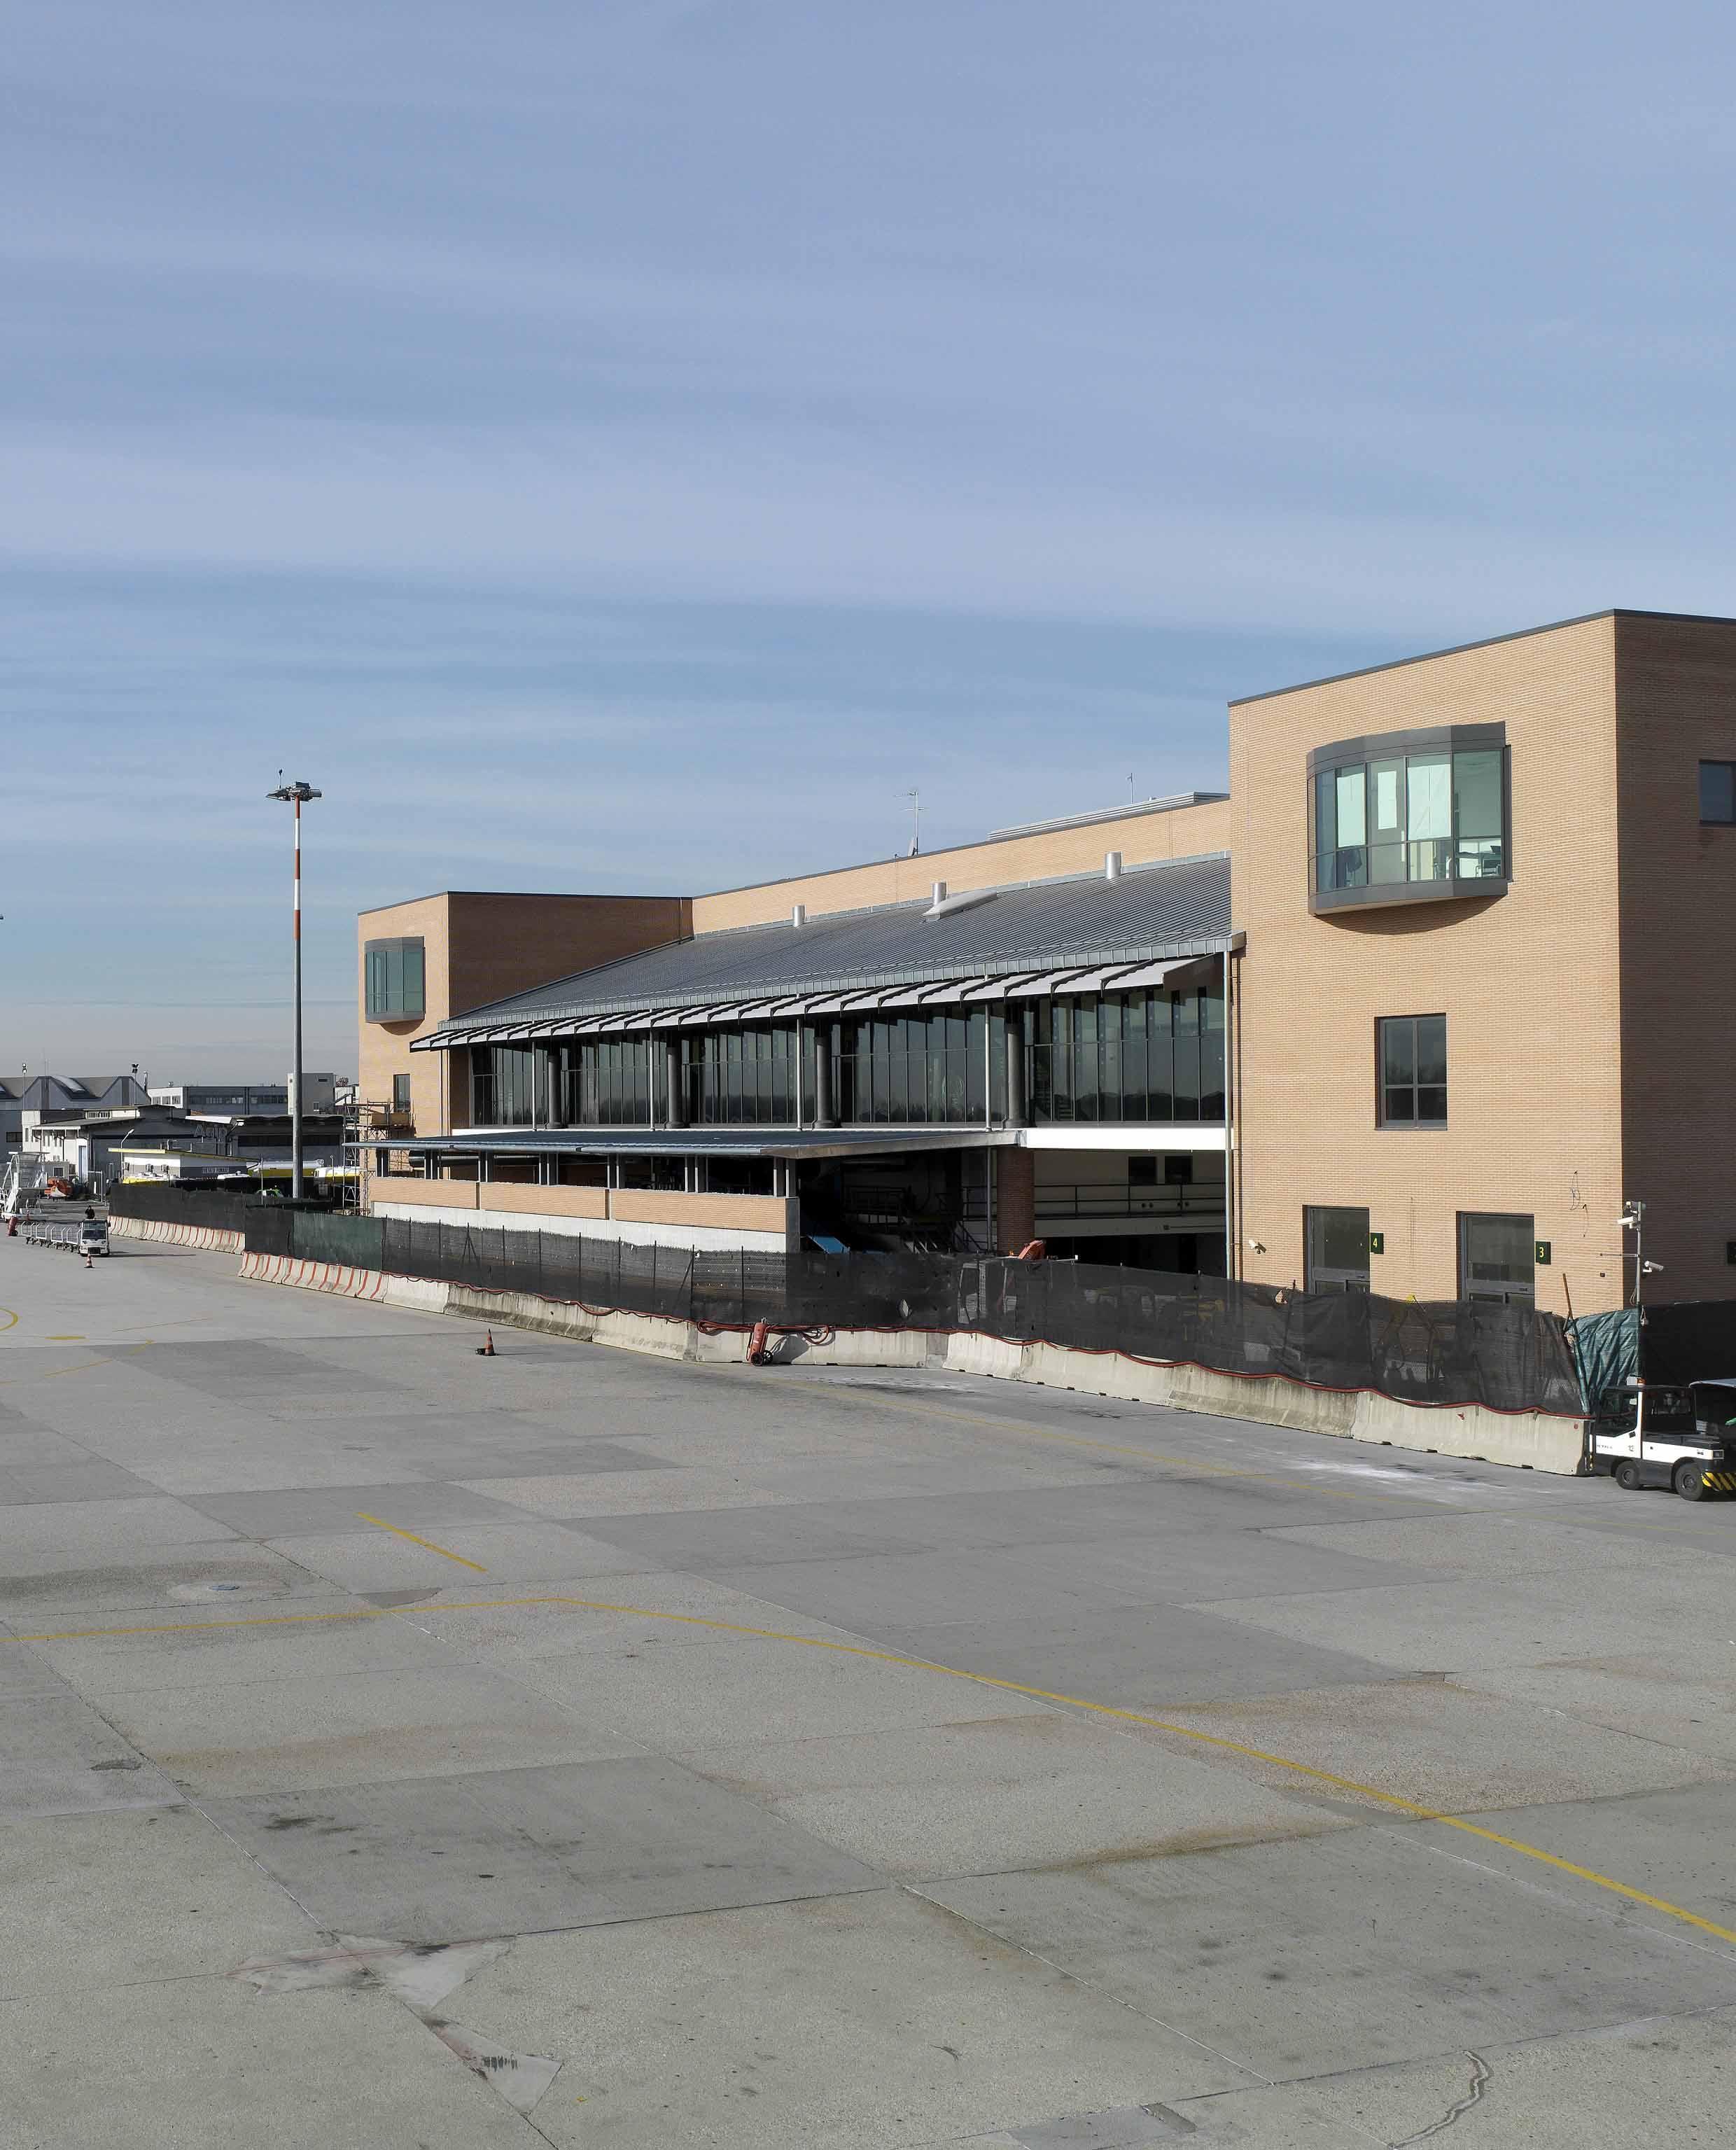 Aeroporto Canova di Treviso - image 7